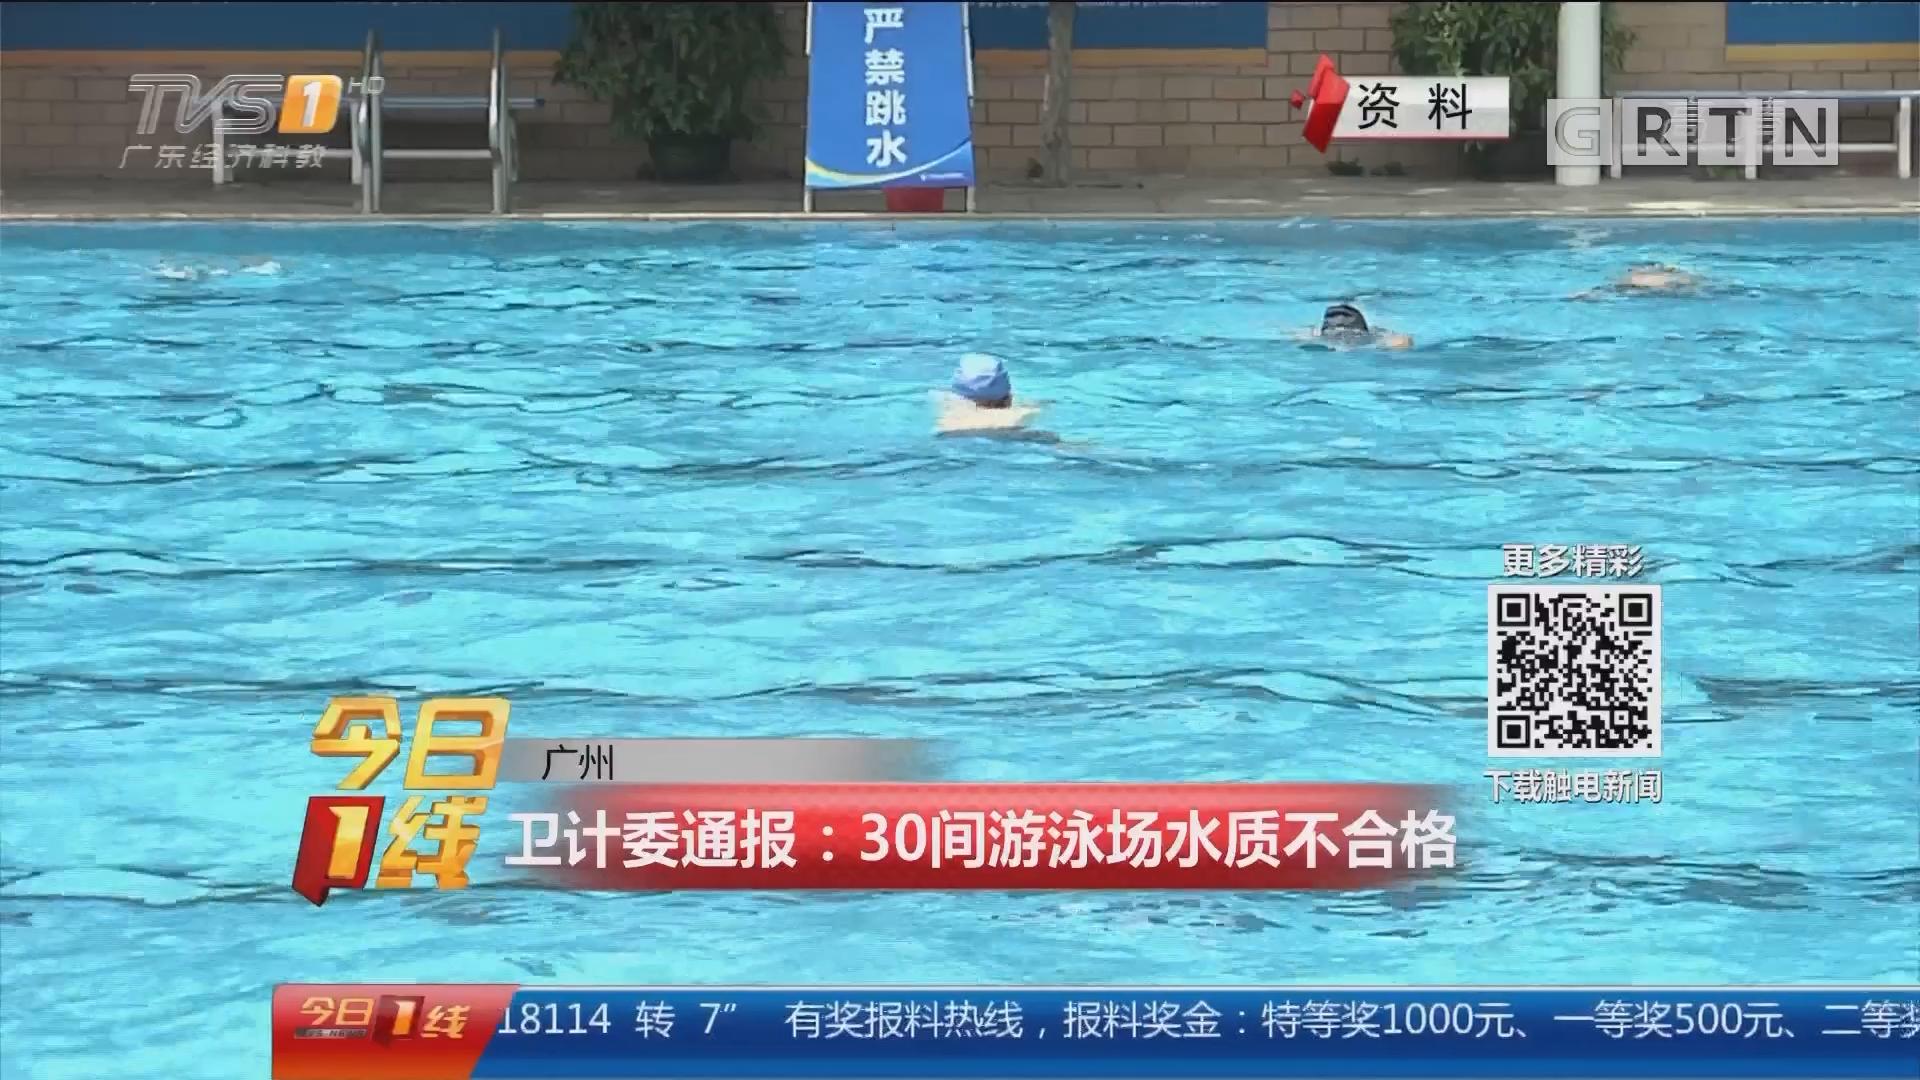 广州 卫计委通报:30间游泳场水质不合格